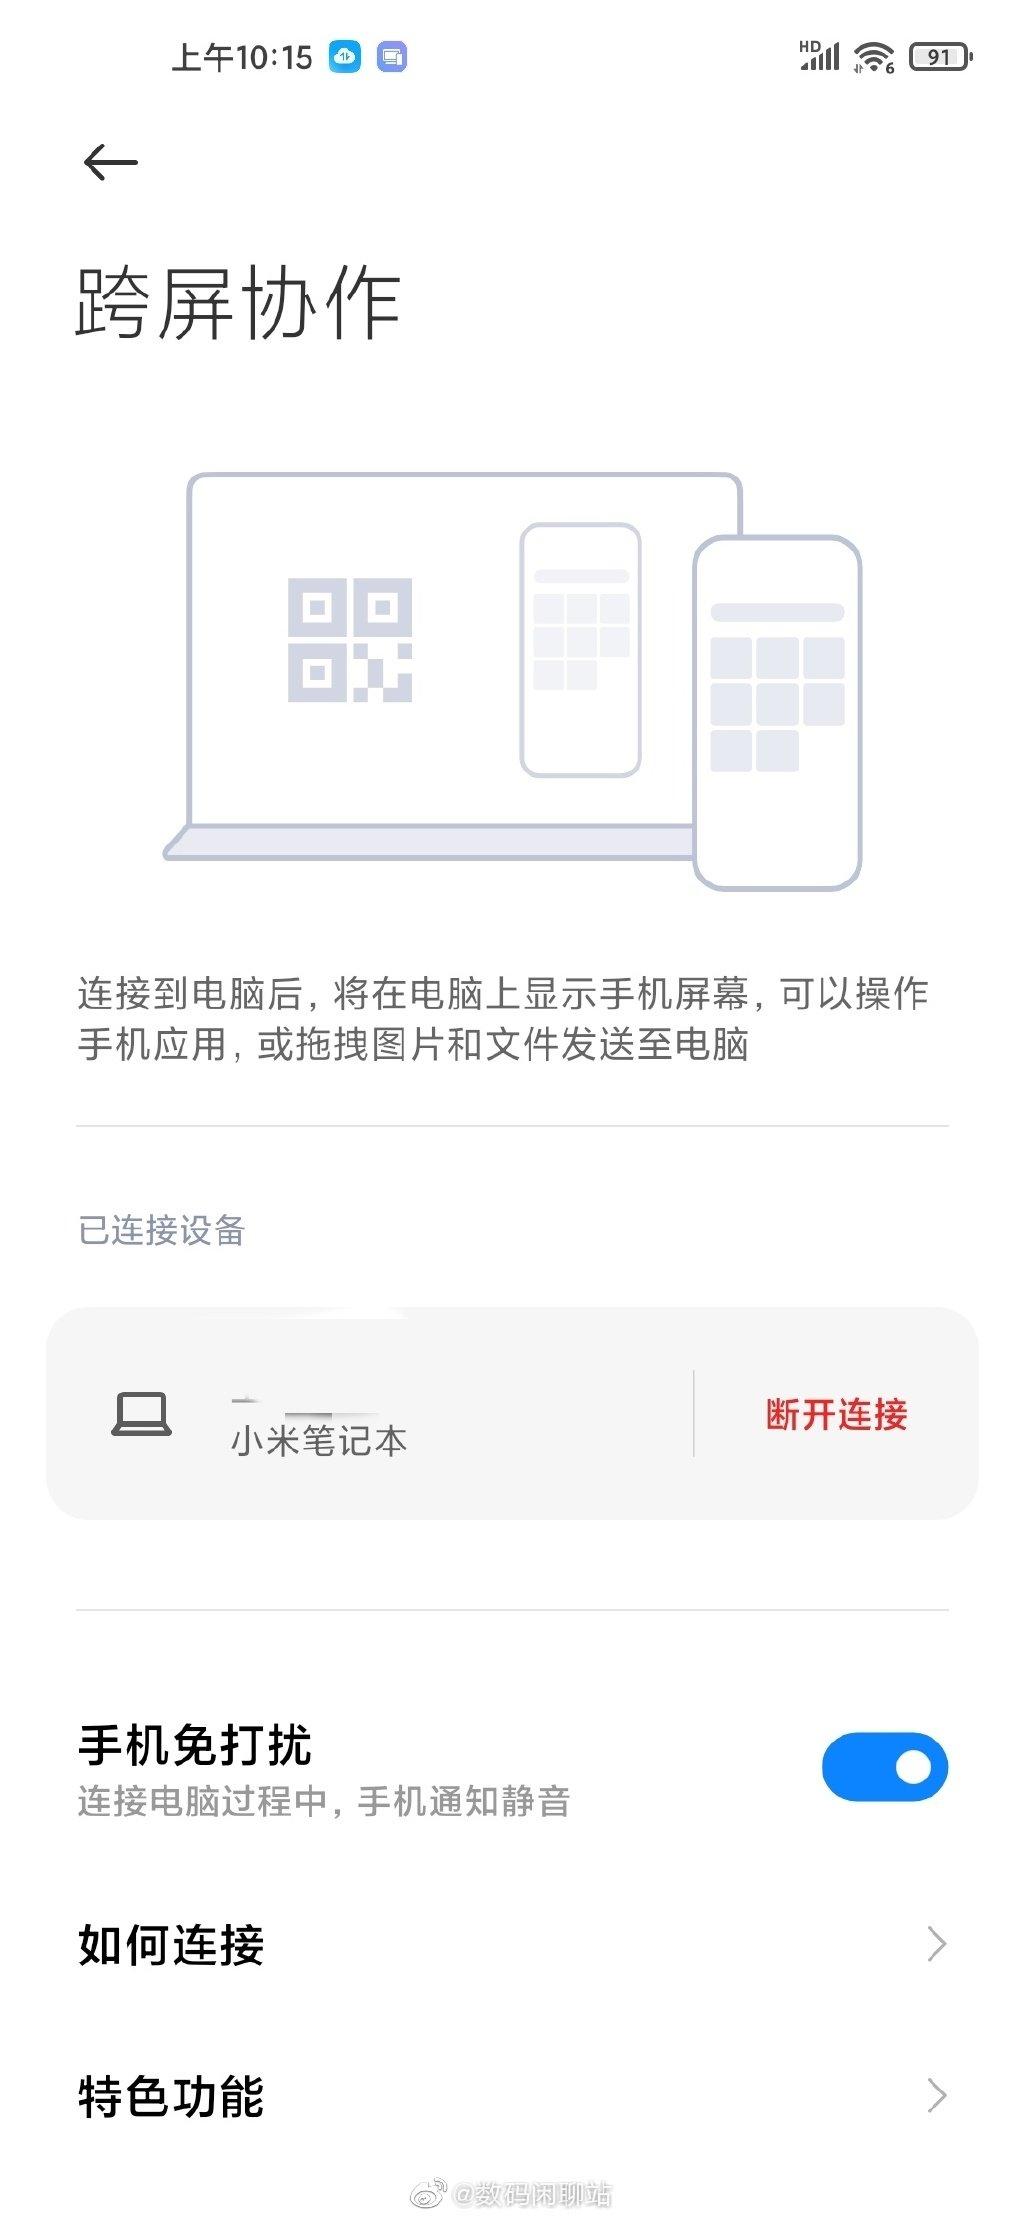 小米跨屏协作界面曝光:支持多开窗口、拖拽文件 - 热点资讯 每日推荐 第2张